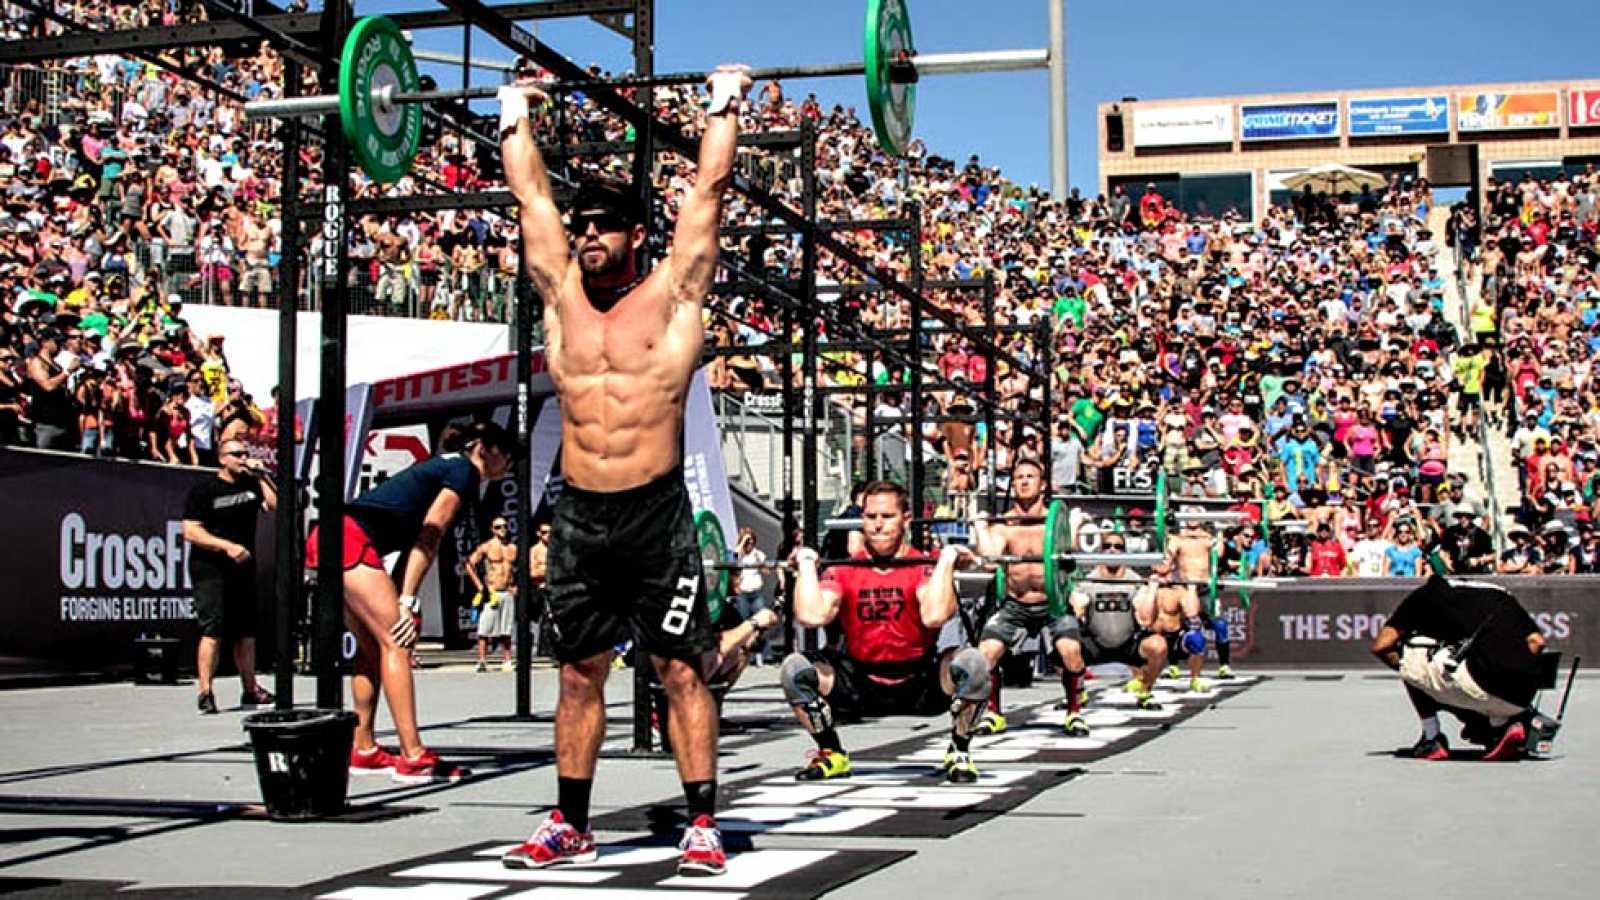 Este nuevo deporte tiene múltiples beneficios para aquellos que lo practican. Uno de ellos, es que trabaja todos los grupos musculares, tanto tren superior como inferior. Consiste en entrenamientos cortos pero muy completos.